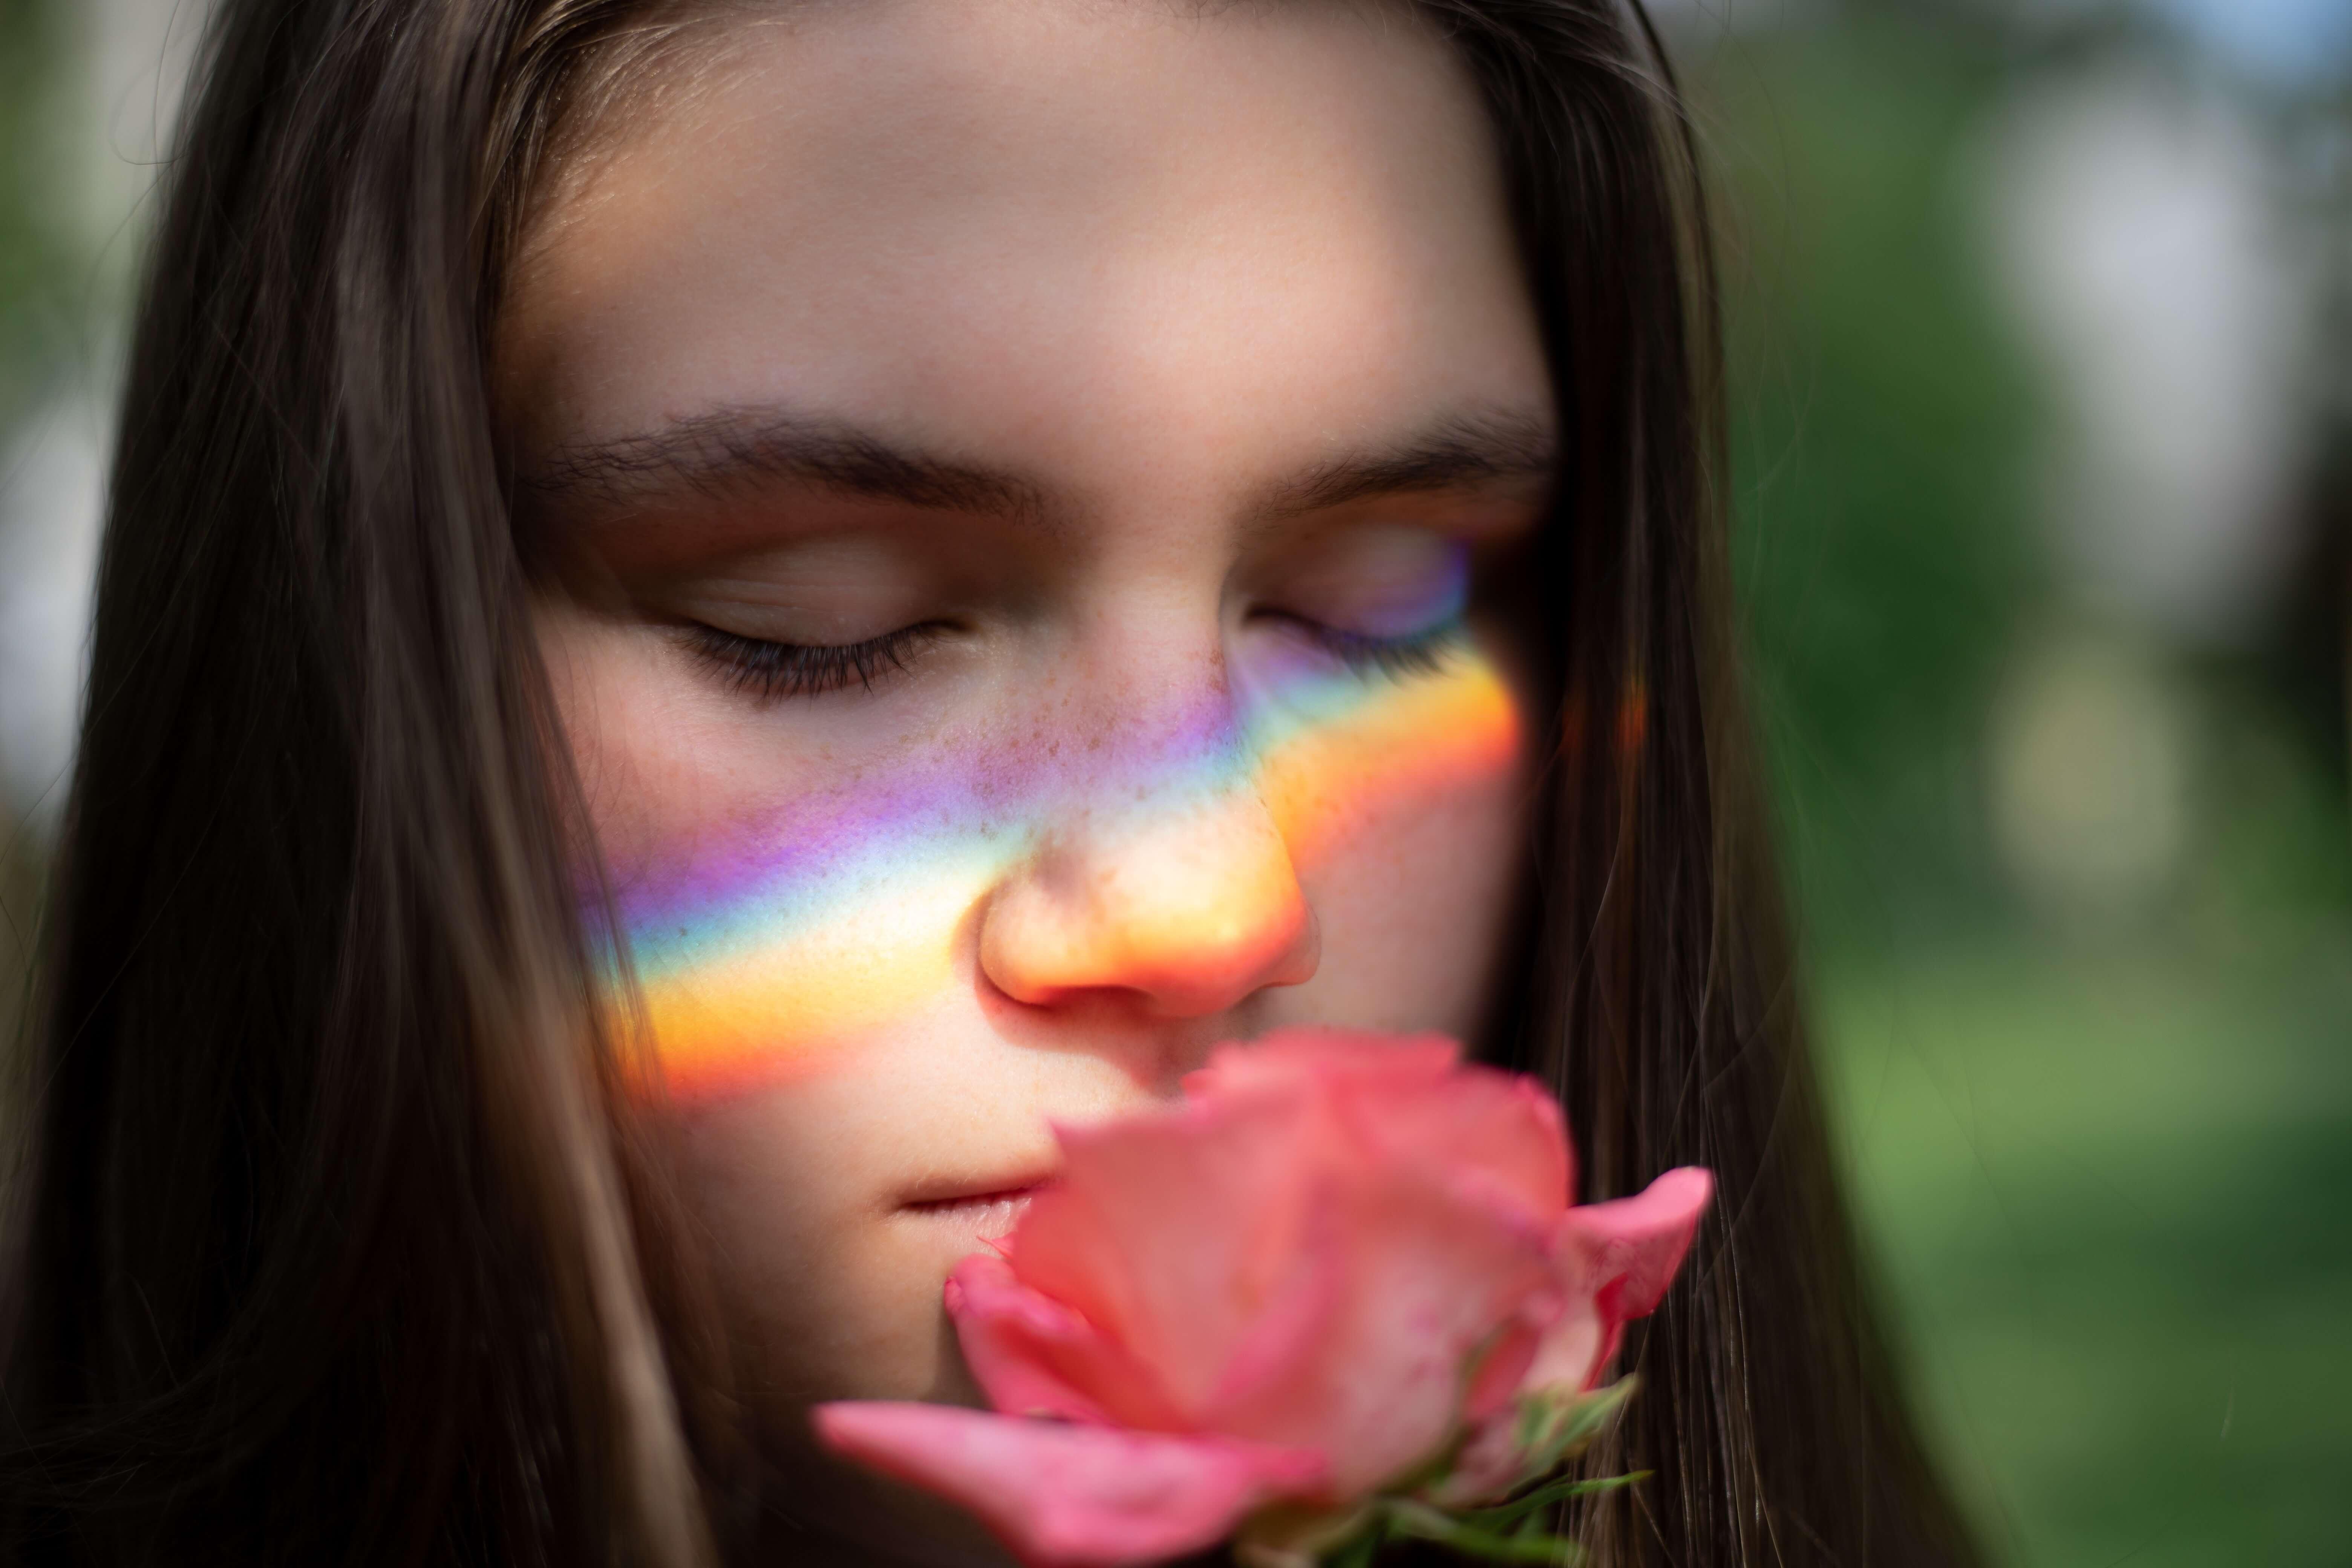 Mujer oliendo una rosa con el reflejo del arco iris en sus mejillas y pensando en los recuerdos del ayer